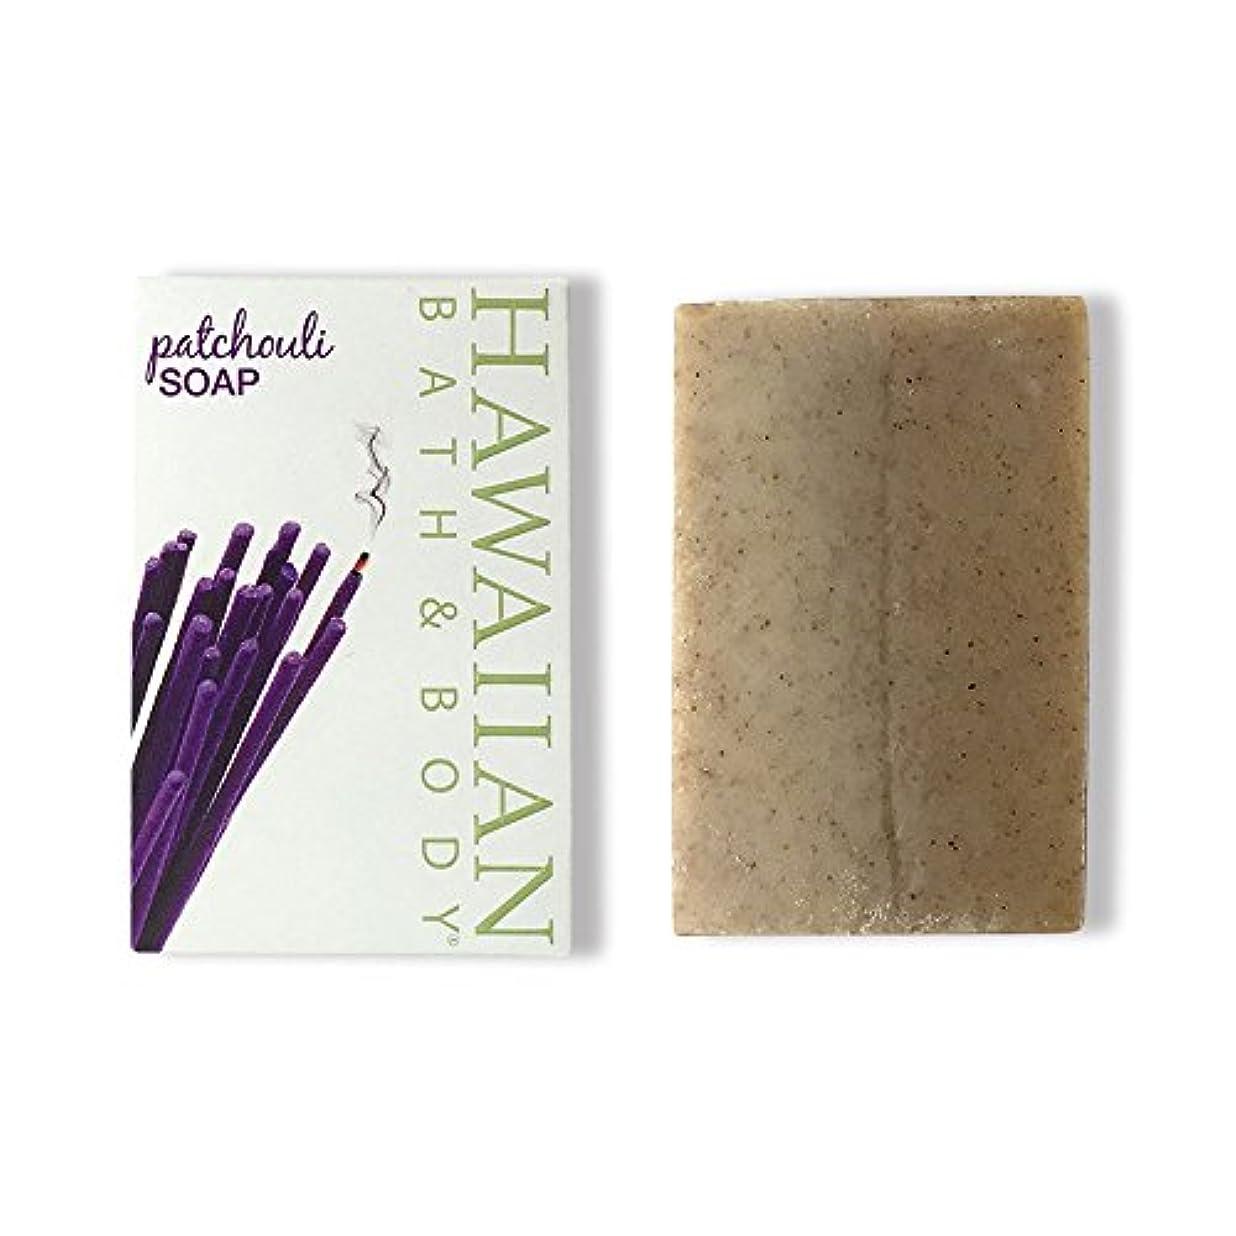 淡い素朴な手術ハワイアンバス&ボディ パチュリ?ナチュラルソープ ( Pachouli Soap )